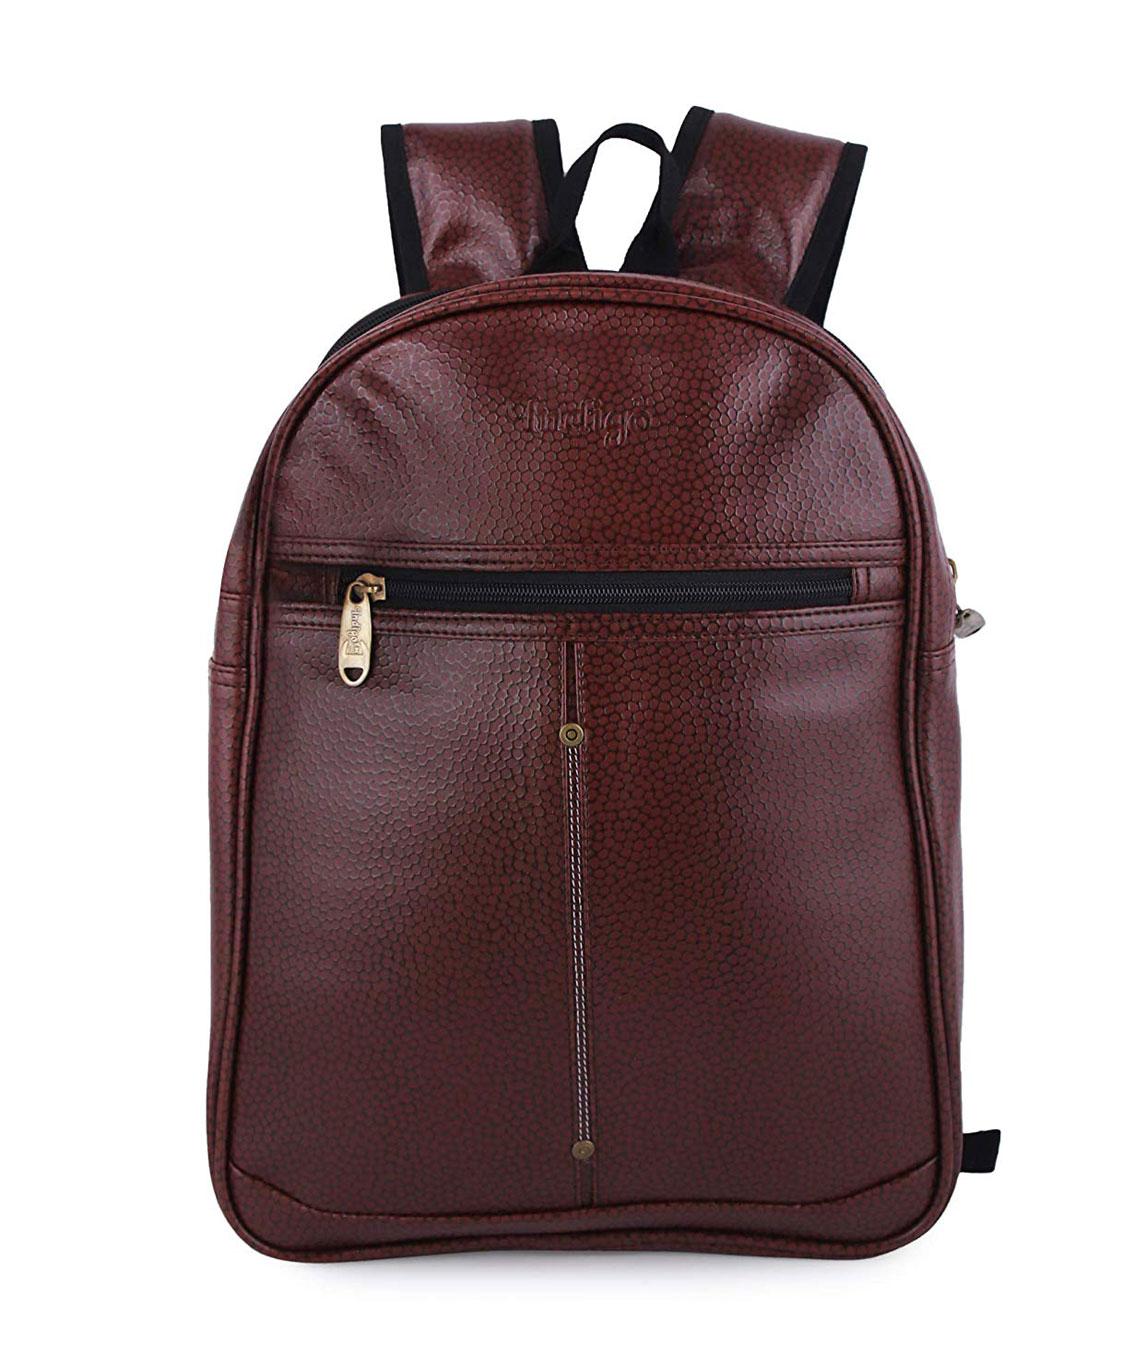 F/Star30 Liters Casual Bagpack/School Bag/Laptop Backpack(Choclate Brown)